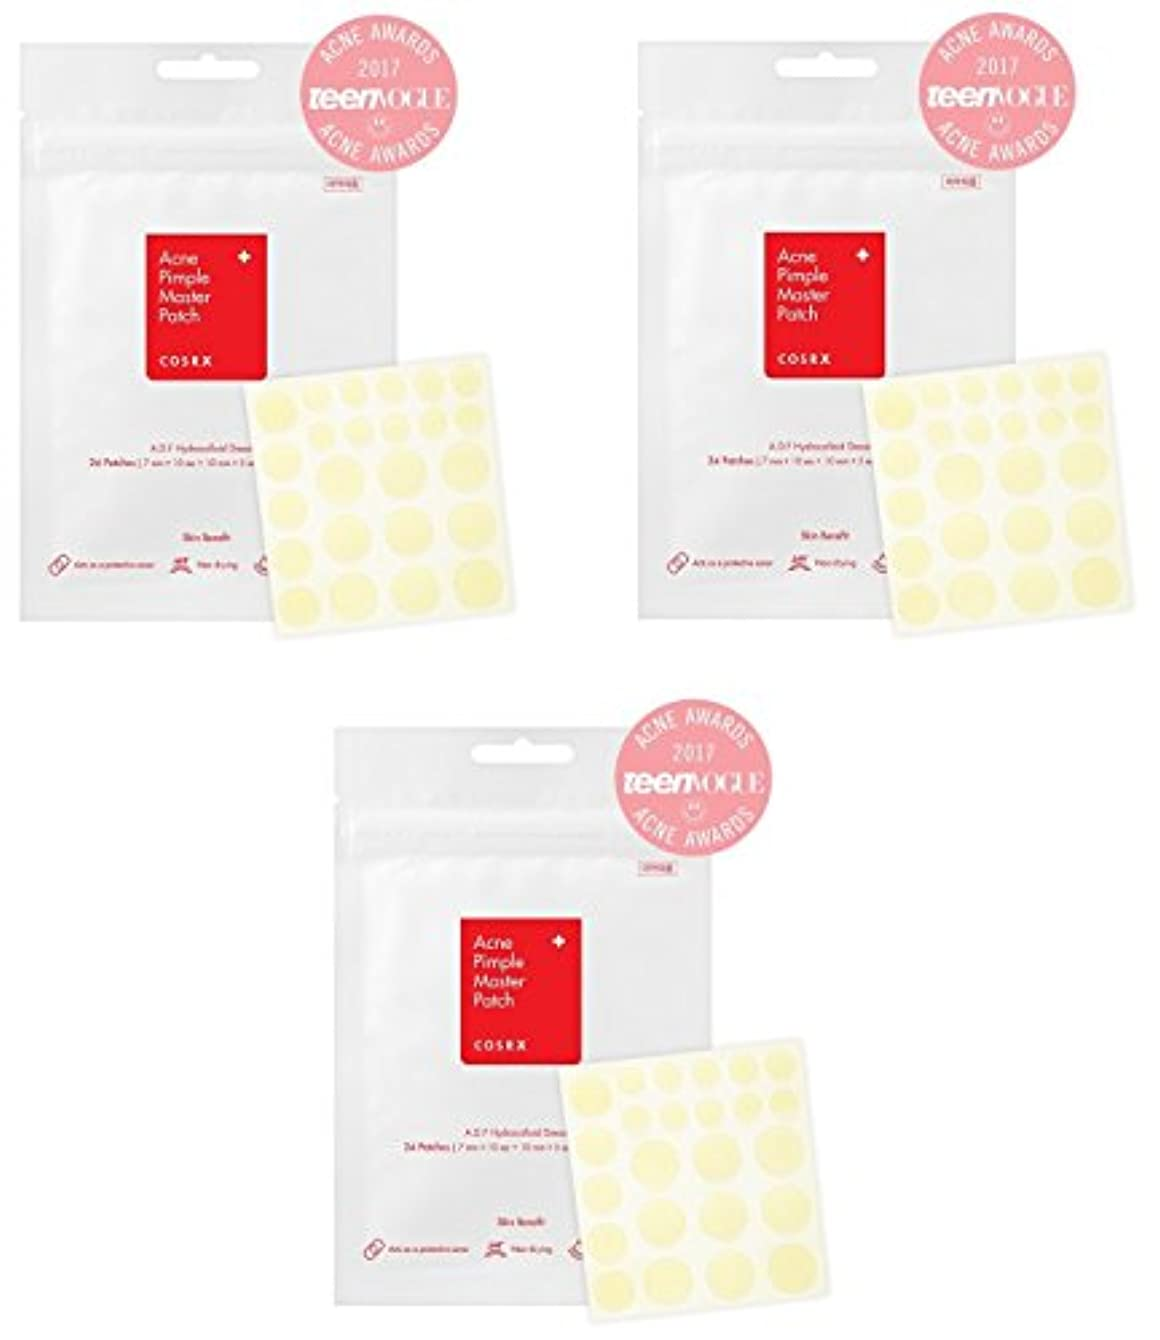 自治セイはさておきサバントCOSRX アクネ ピンプル マスターパッチ 3枚 (Acne Pimple Patch 3pcs) 海外直送品